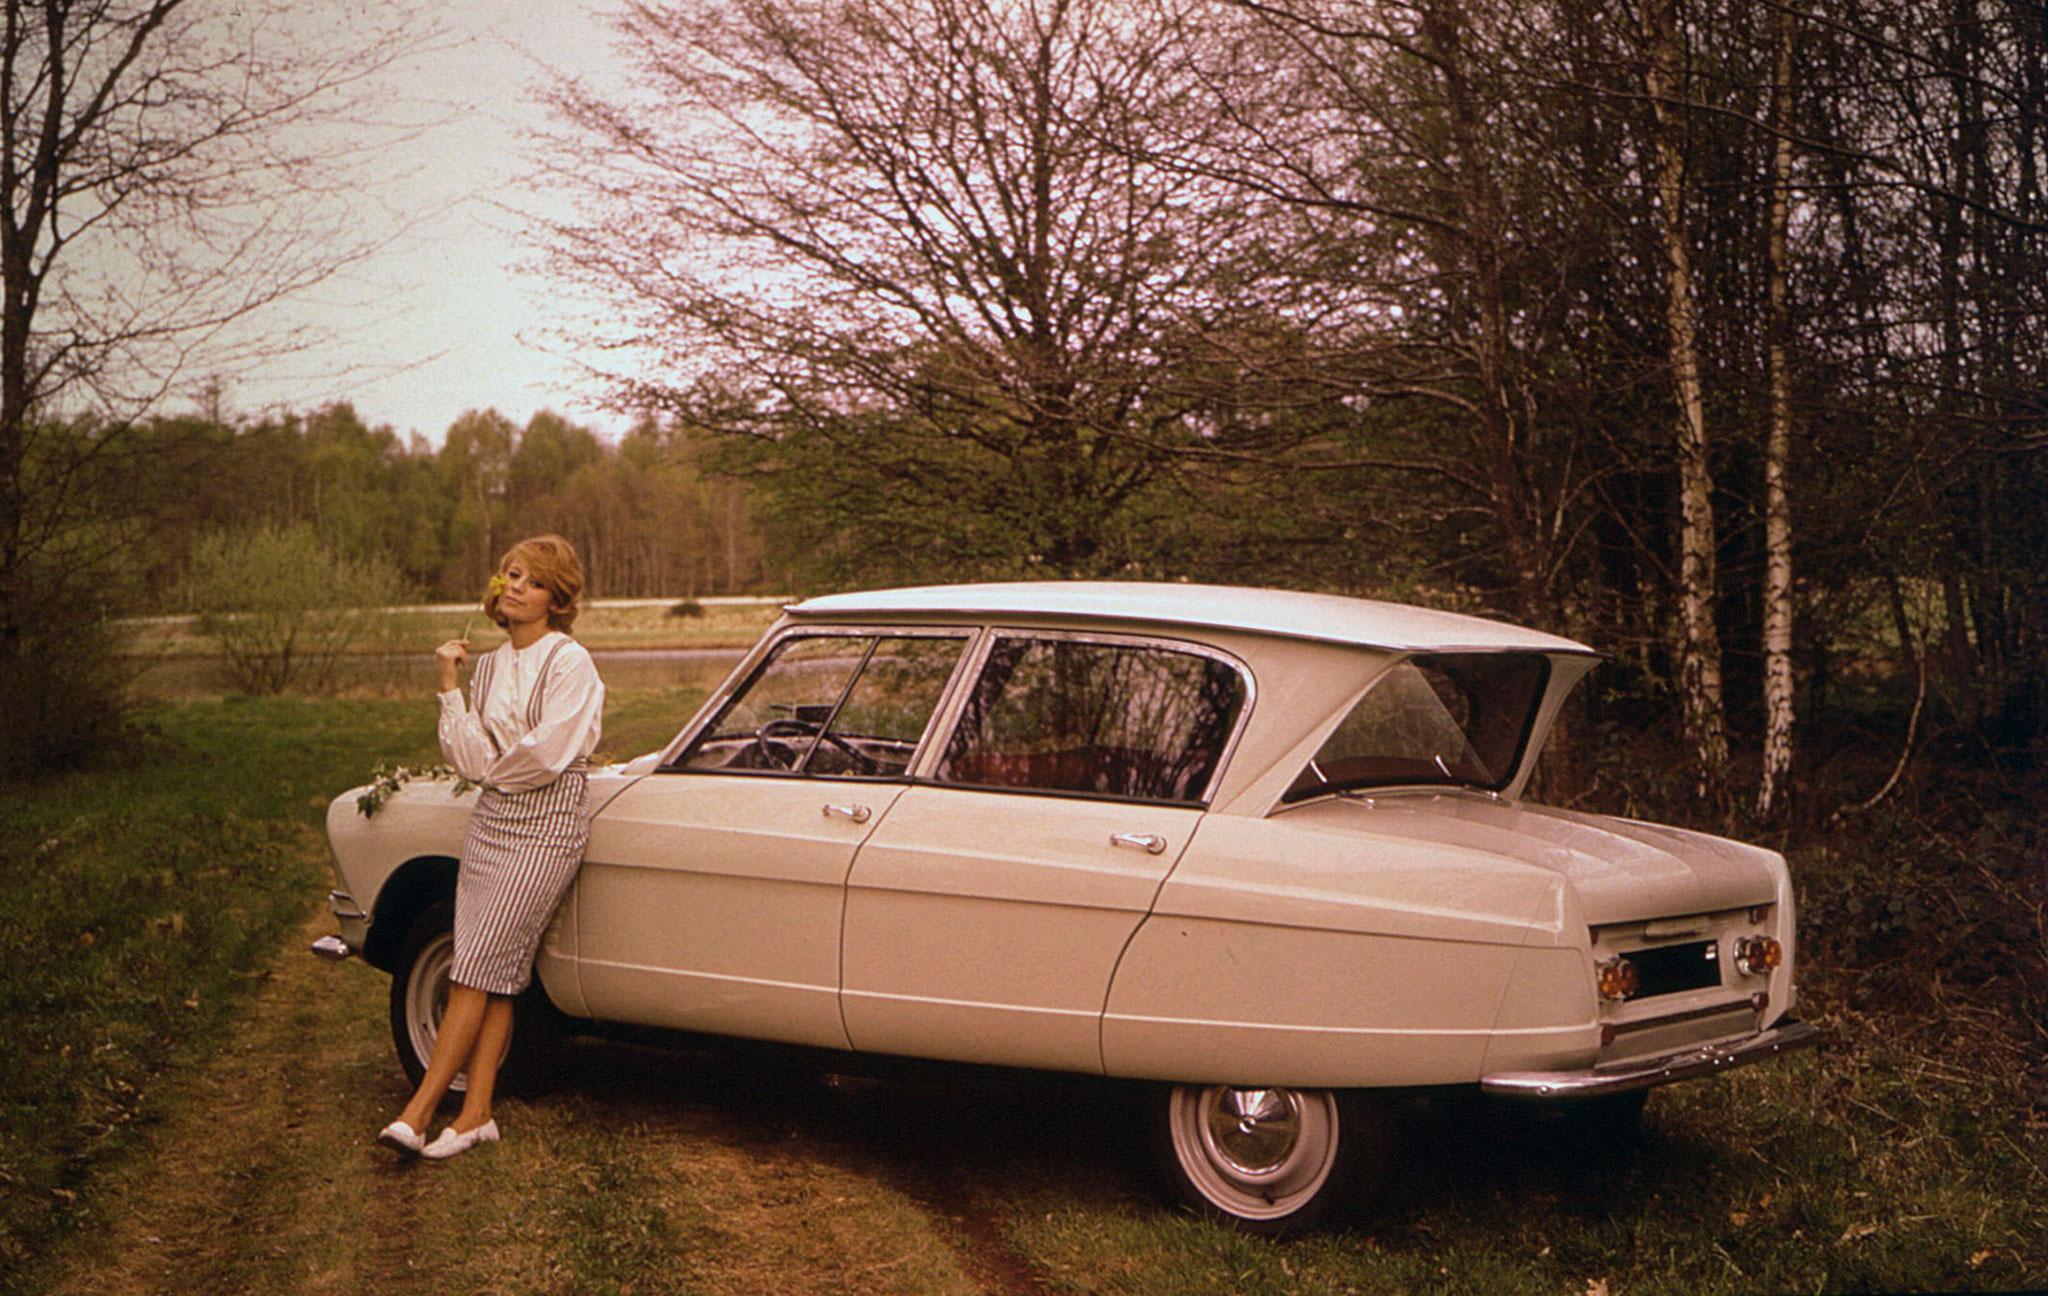 1961 Citroën AMI 6 Berline vitre arrière inversée @Georges Guyot.